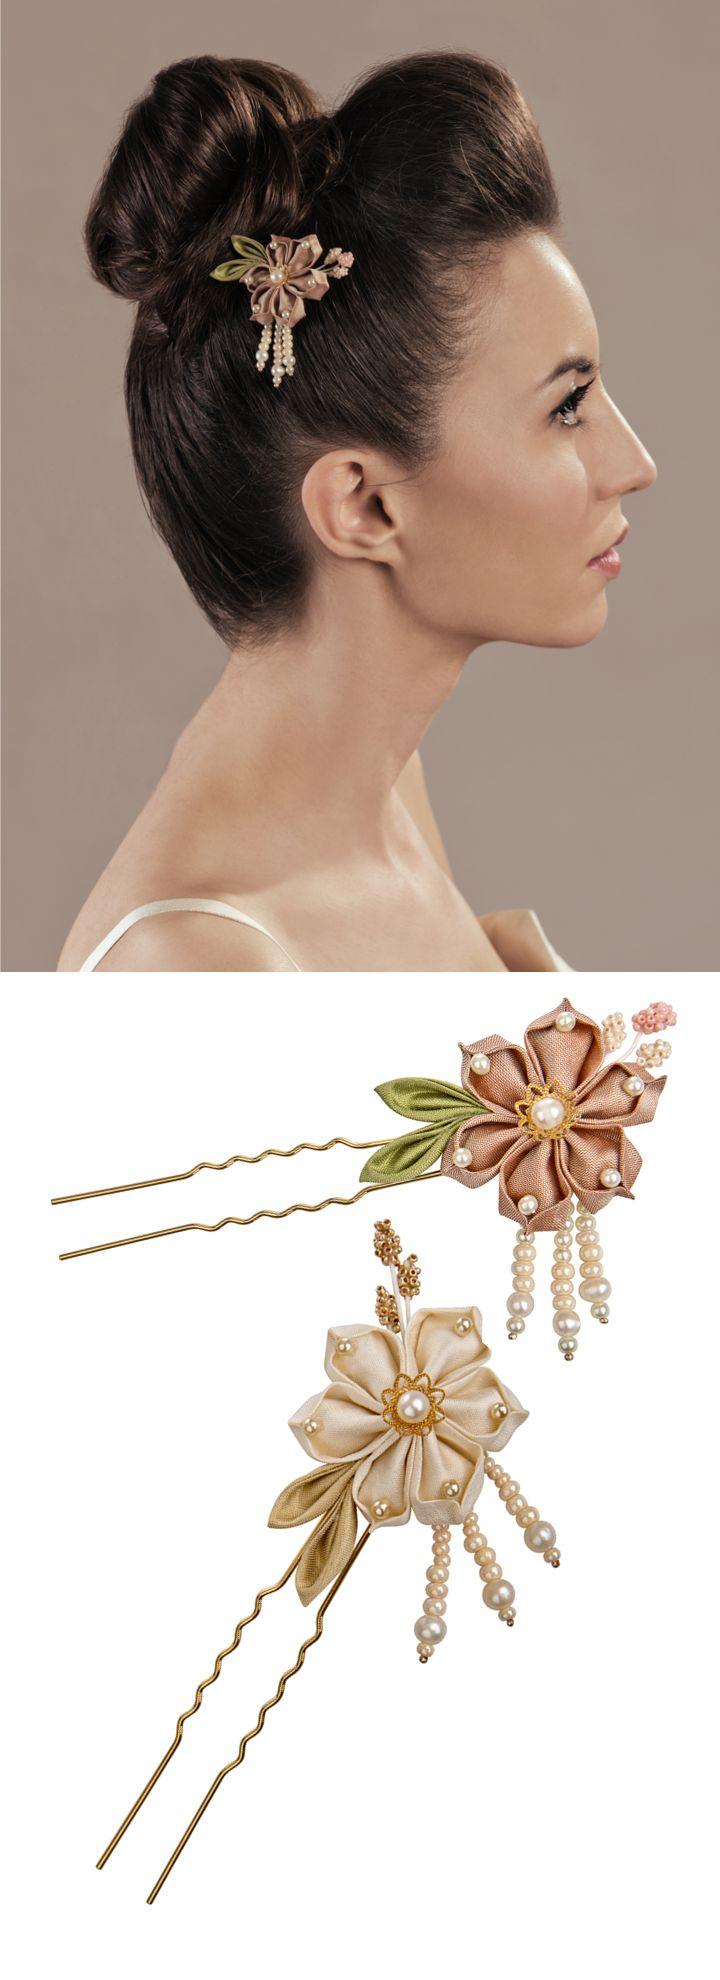 bridal or bridesmaids silk Kanzashi hair adornments/ bridal updo hairstyle